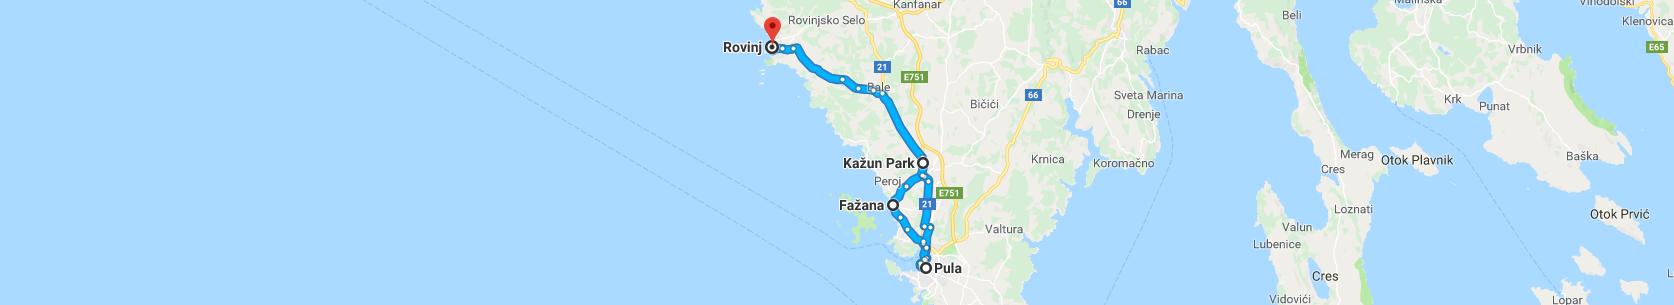 Trasa: Rovinj, Fažana, Pula